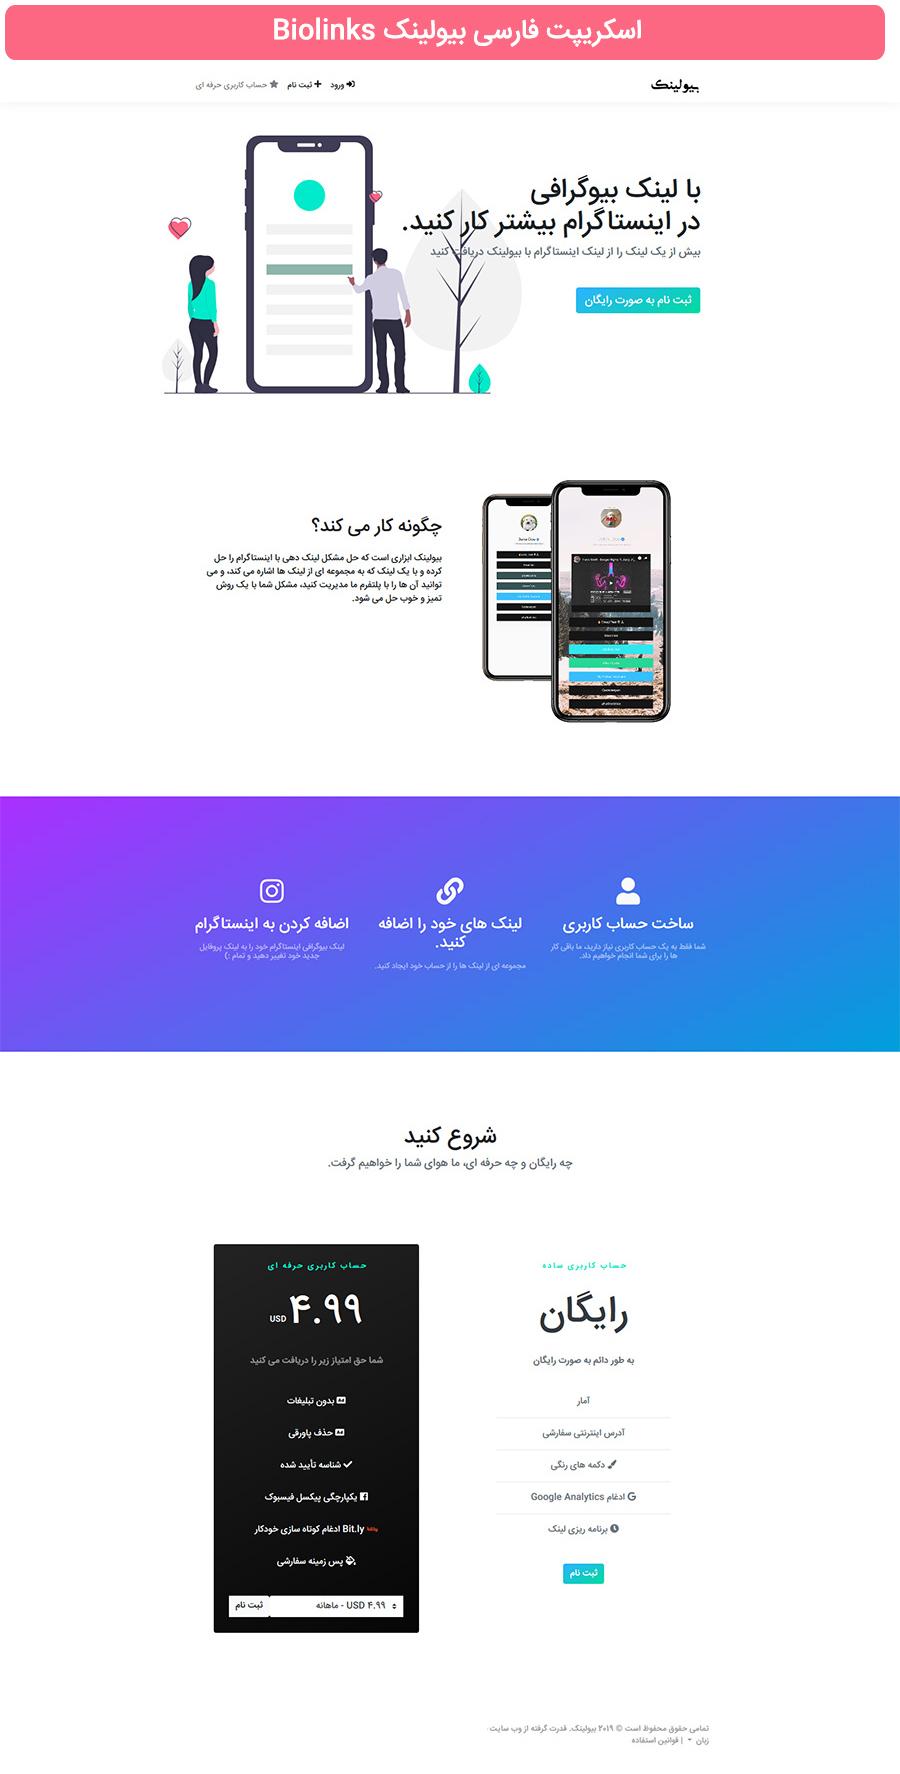 biolink 1 1 - اسکریپت biolinks فارسی | اسکریپت مدیریت لینک های اینستاگرام